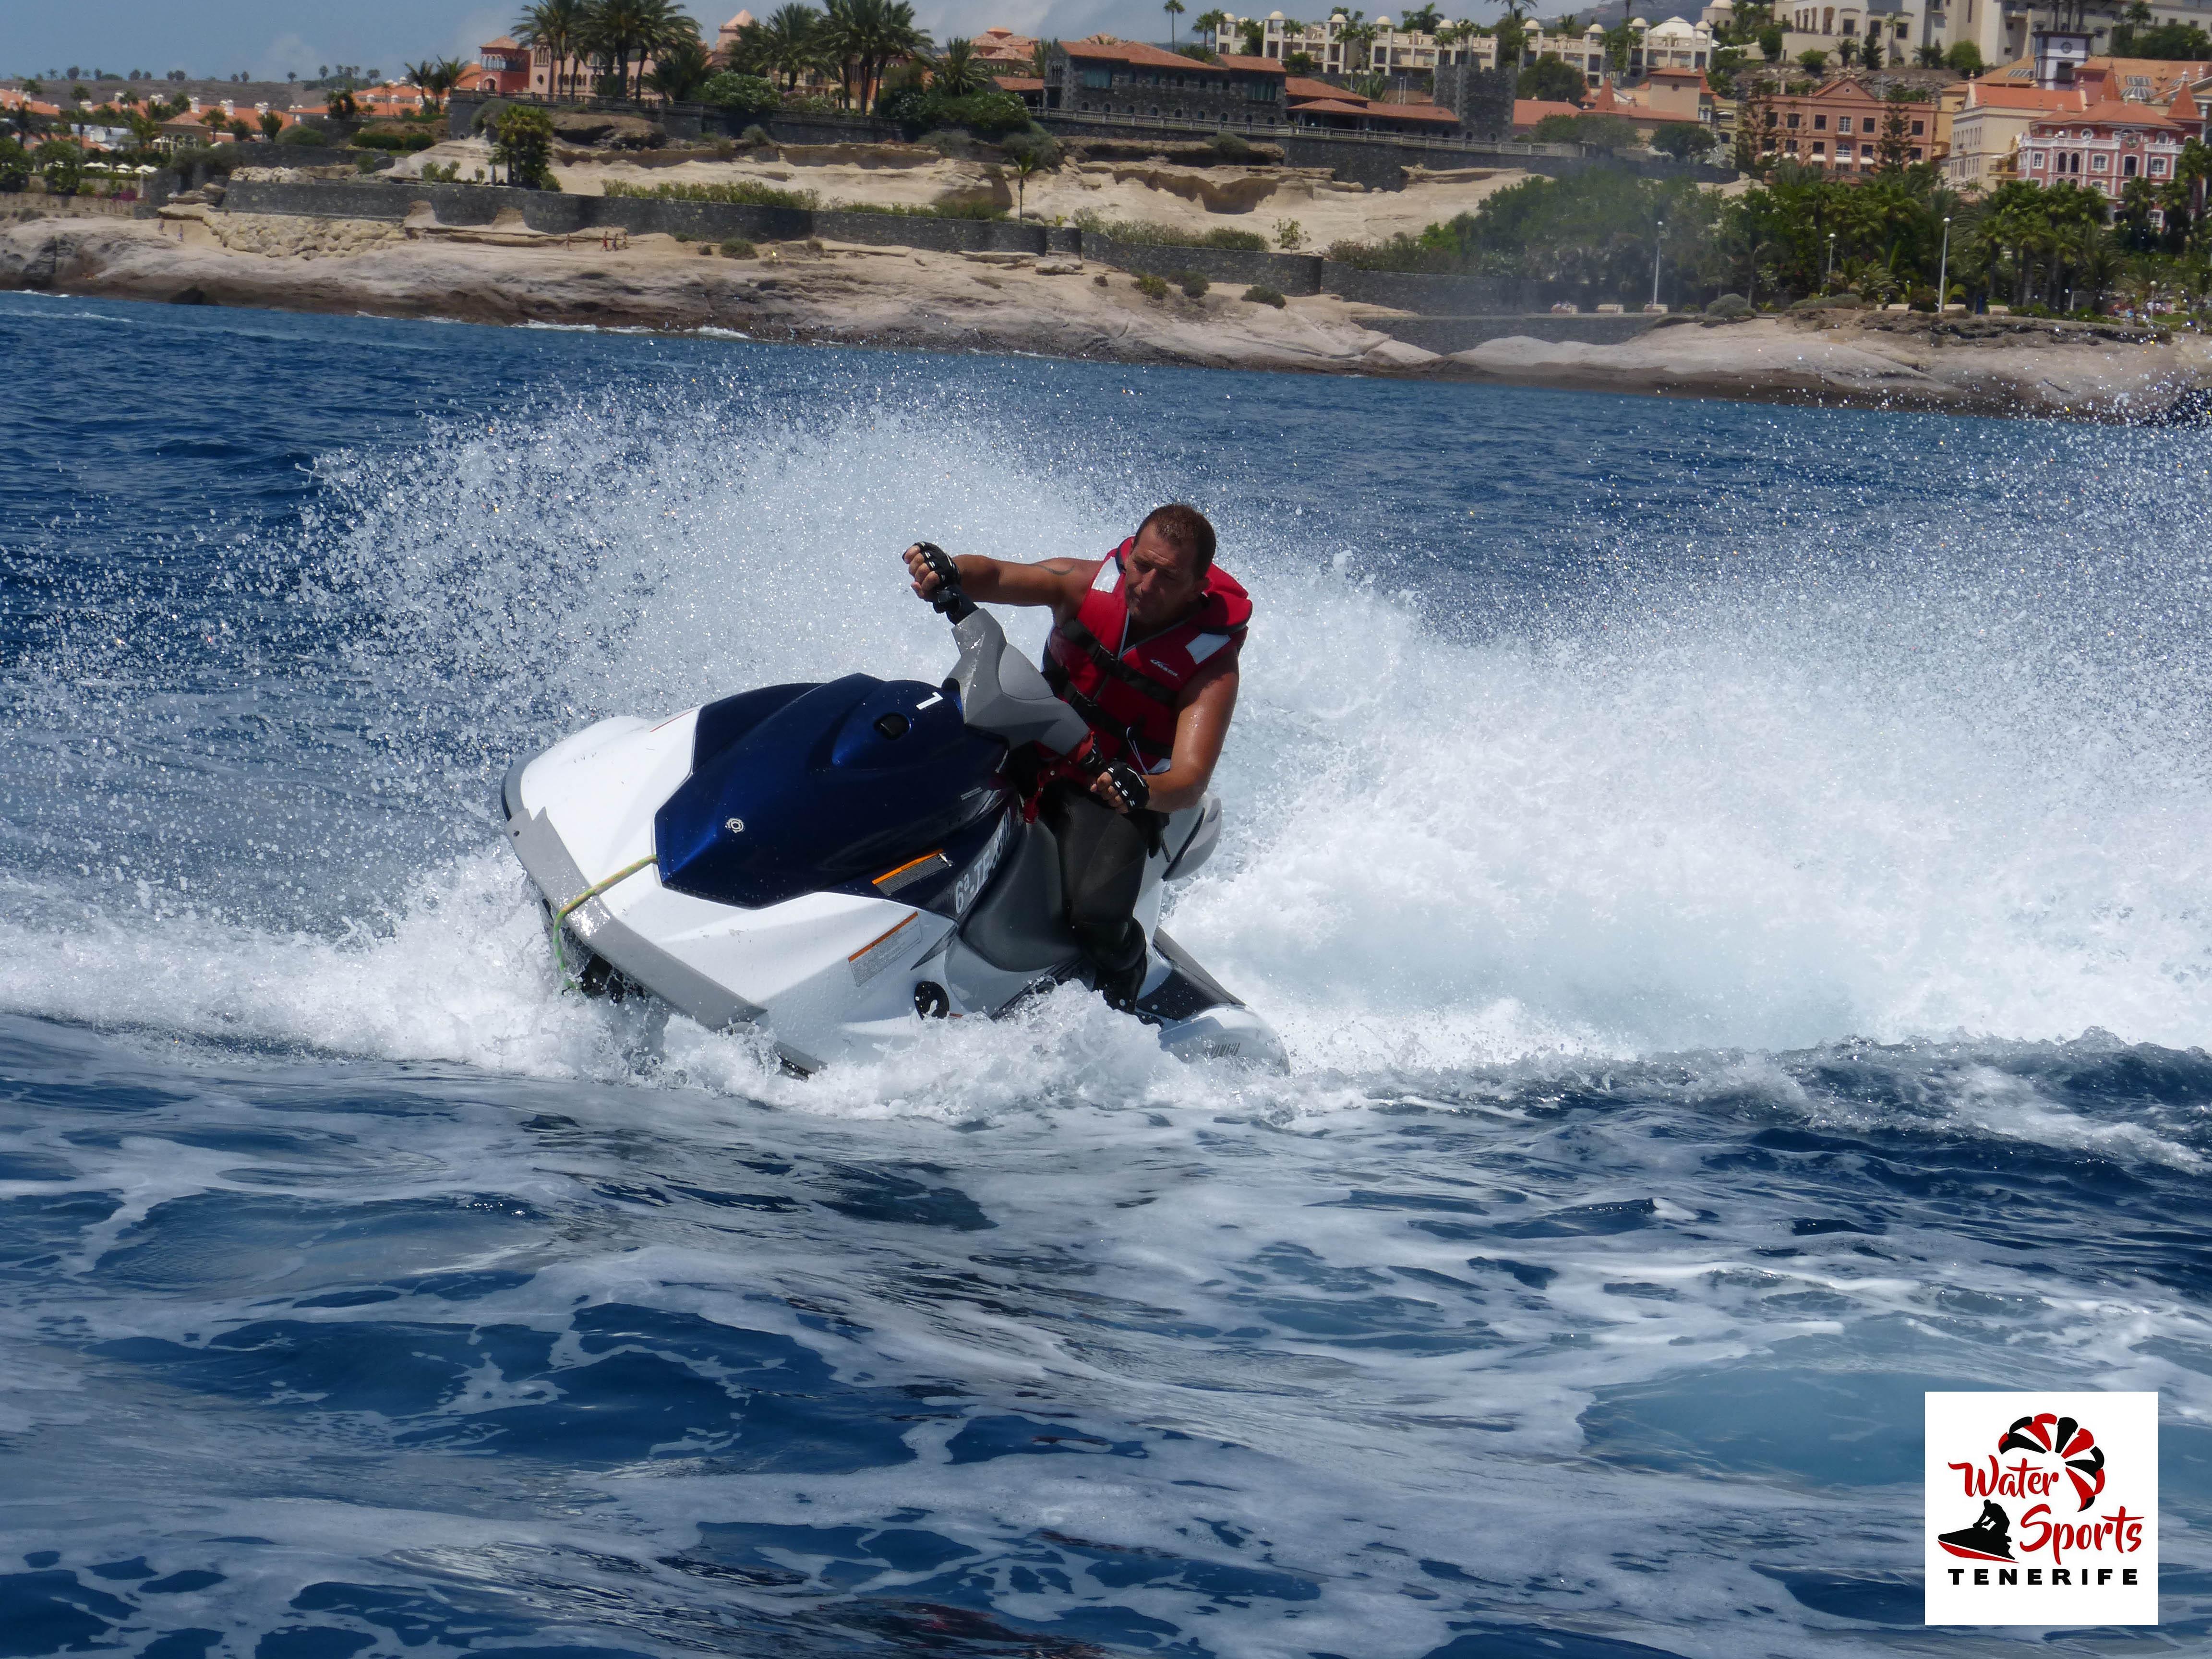 noleggio moto d'acqua jet ski moto d'acqua jet bike costa adeje puerto colon